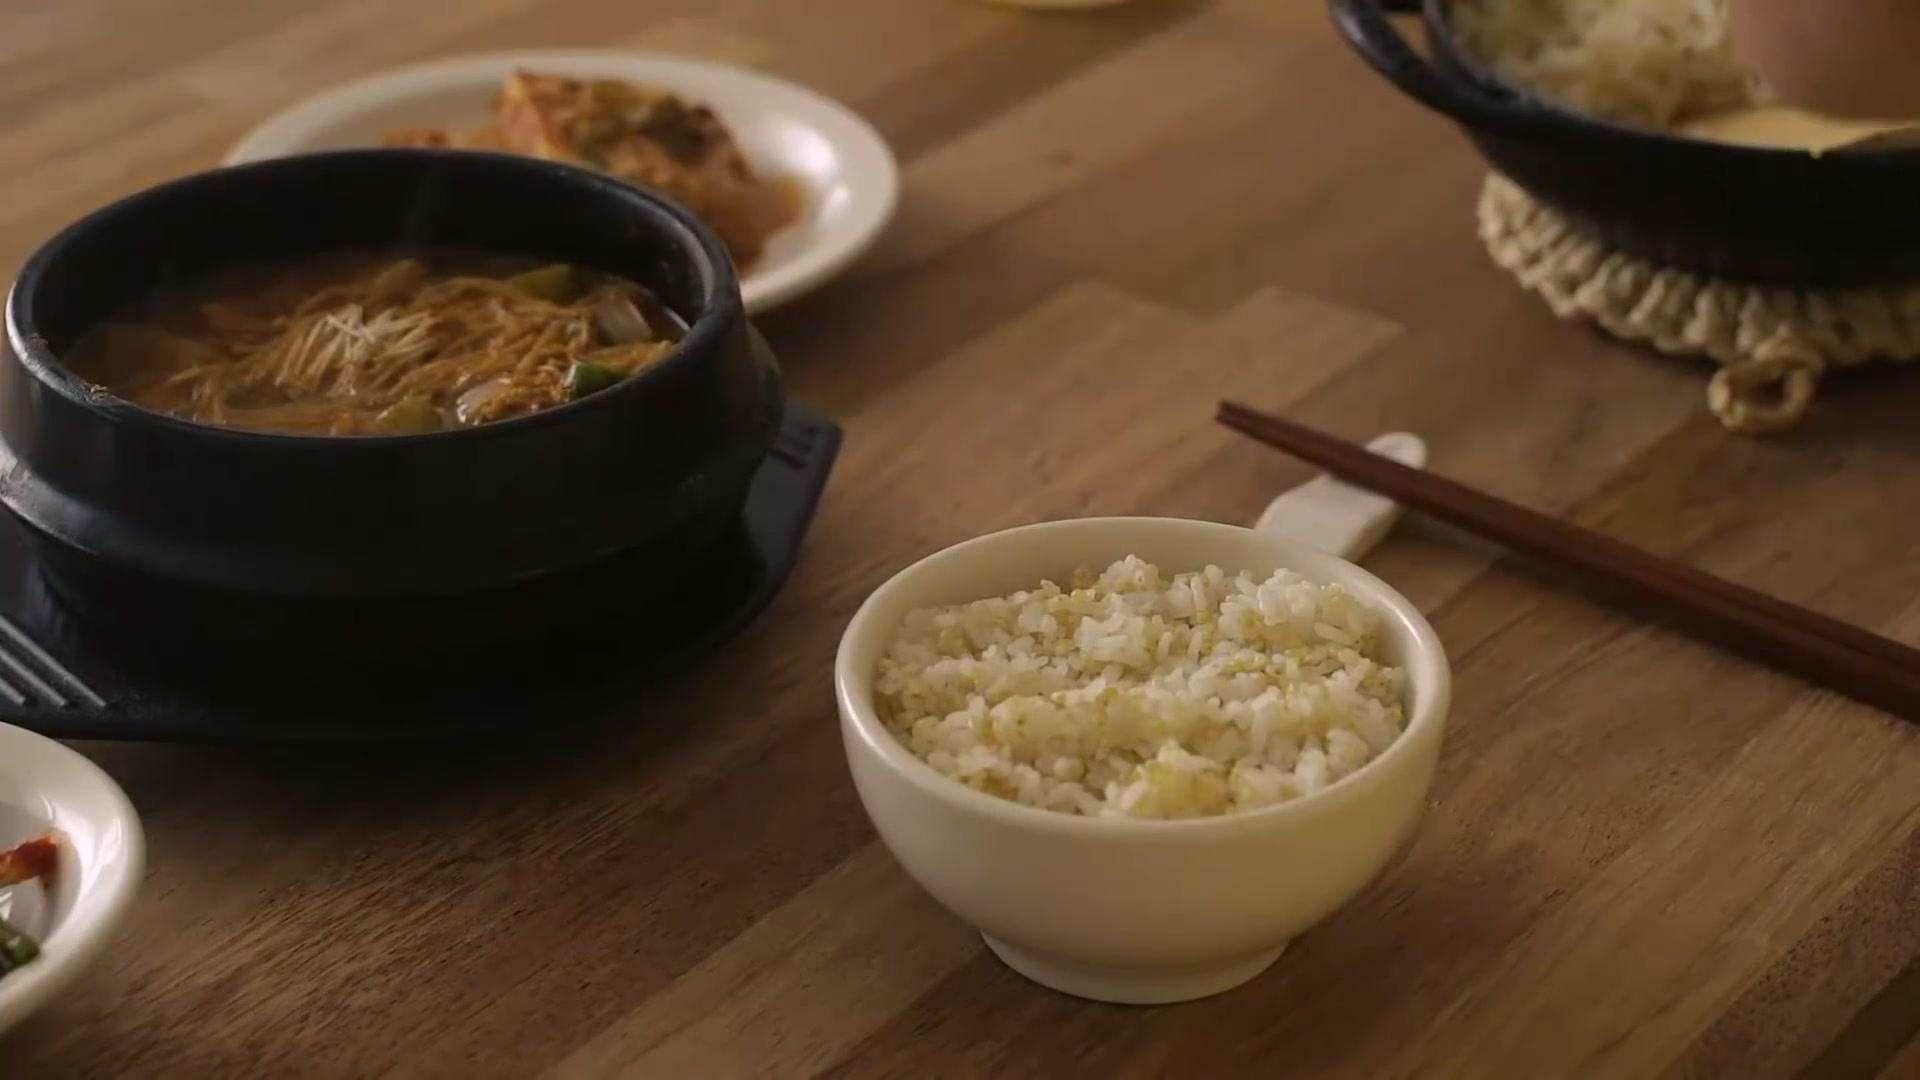 Honeykki Episode 214: Korean Home Meal: Tofu Jorim (Braised Tofu) and Doenjang Jjigae